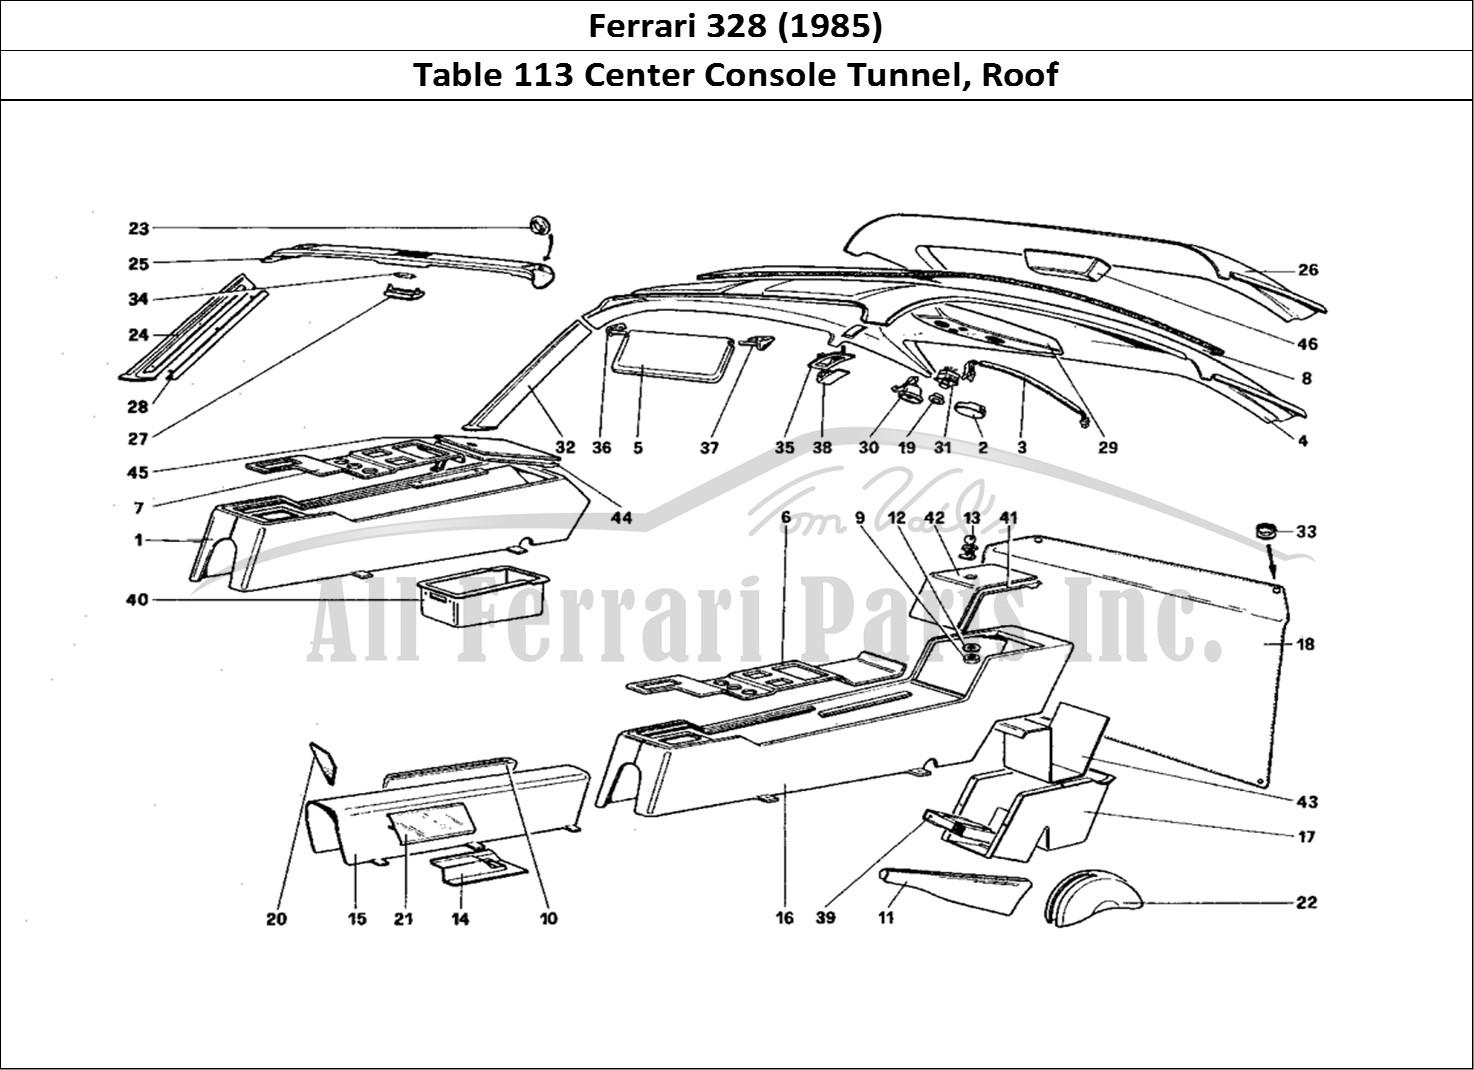 Buy original Ferrari 328 (1985) 113 Center Console Tunnel